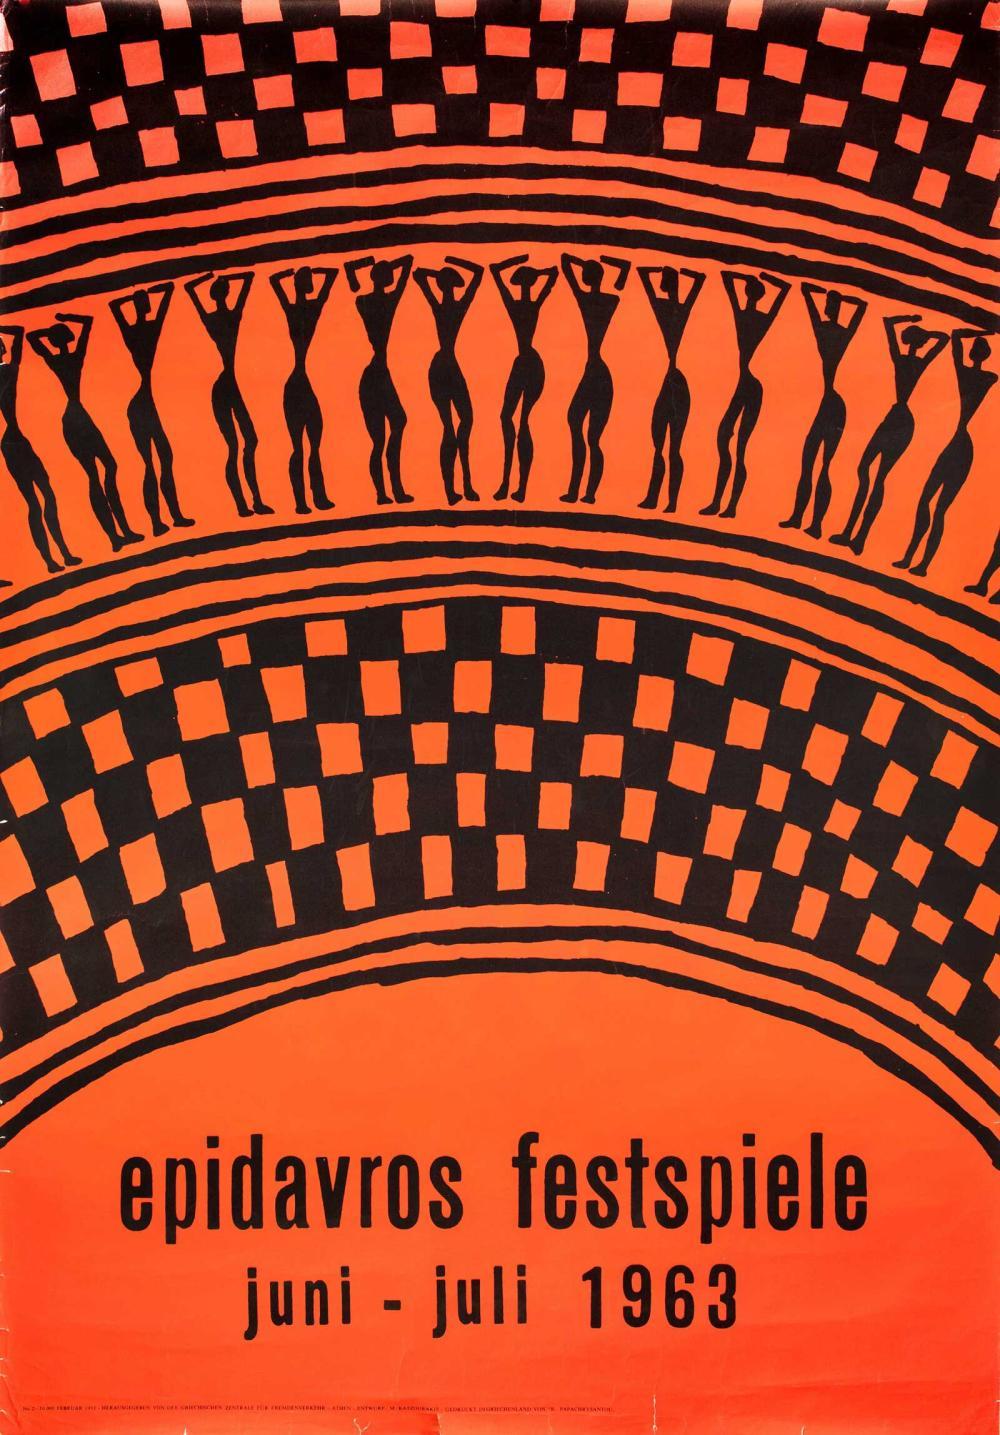 """[ΚΑΤΖΟΥΡΑΚΗΣ Μ] M. Katzourakis, """"EPIDAVROS FESTSPIELE JUNI - JULI 1963 / No 2 - 10.000 - Juni1963.Original... - Greece - / POSTERS"""